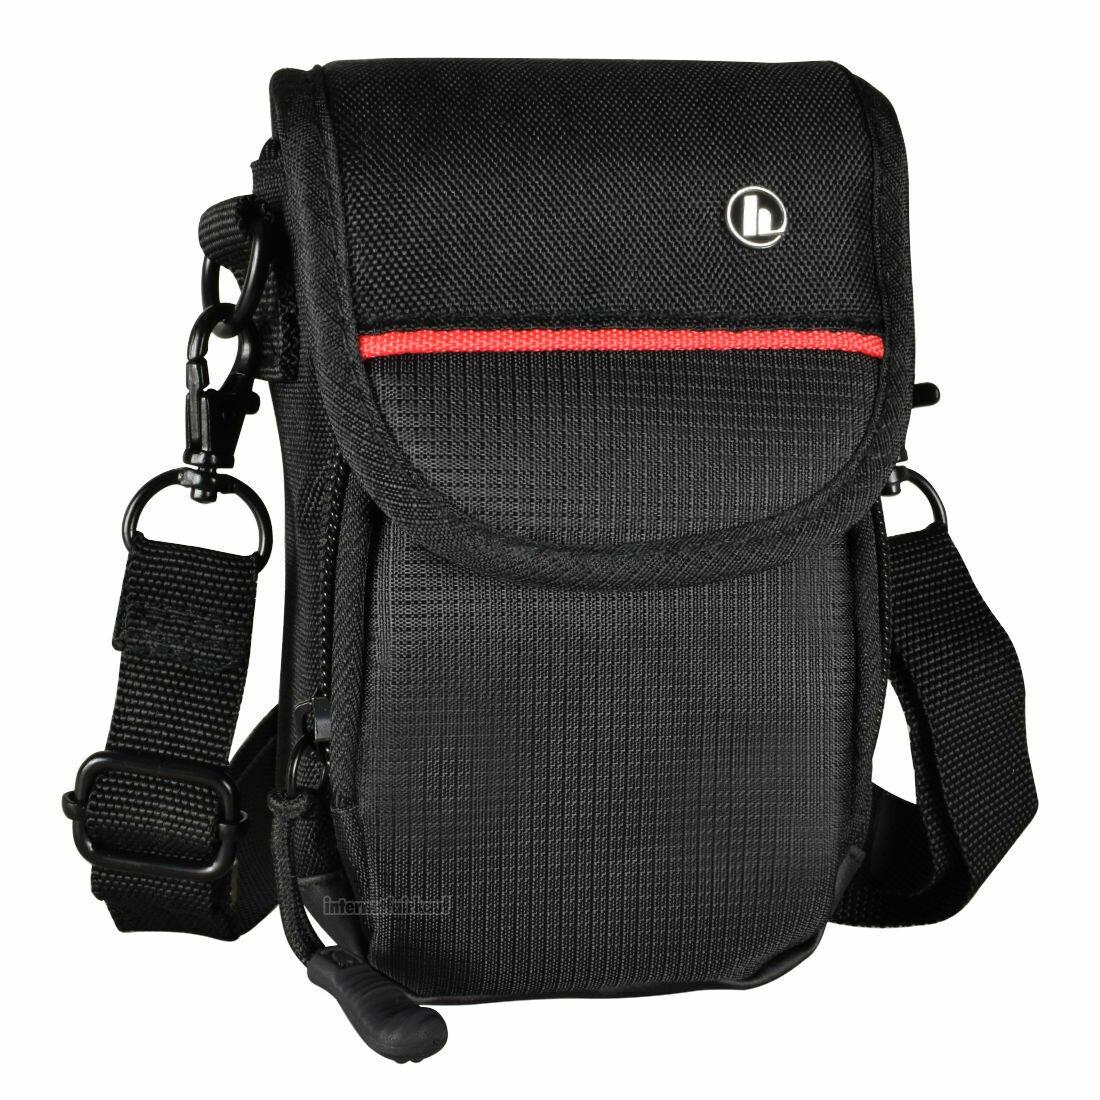 Hama Fototasche passend für Medion Life P44034 (MD86934) Kameratasche